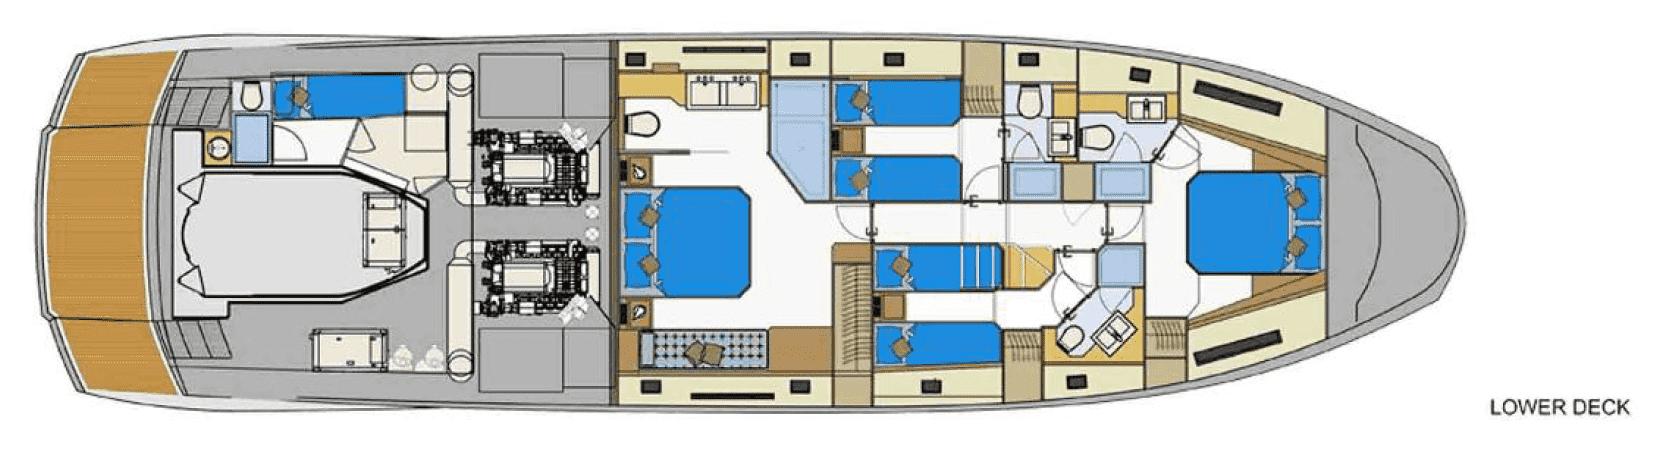 Plan of the Astondoa 72 / Plano del Astondoa 72